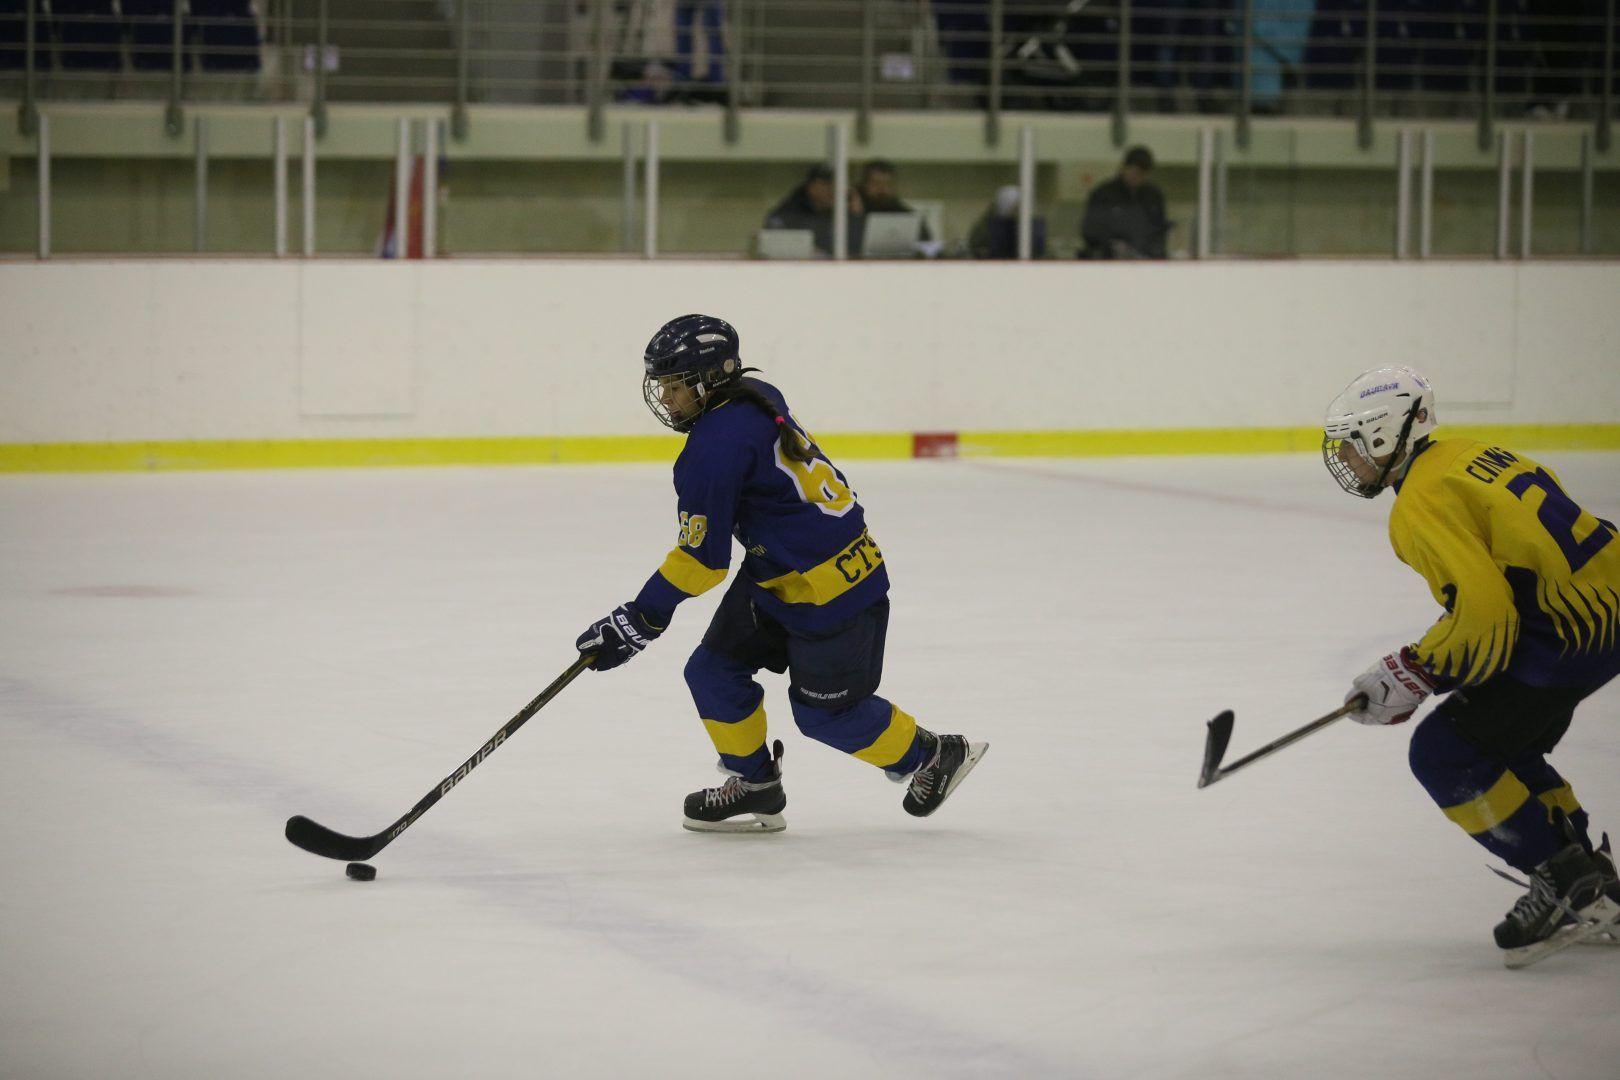 Юные хоккеисты поучаствуют в турнире. Фото: Антон Гердо, «Вечерняя Москва»